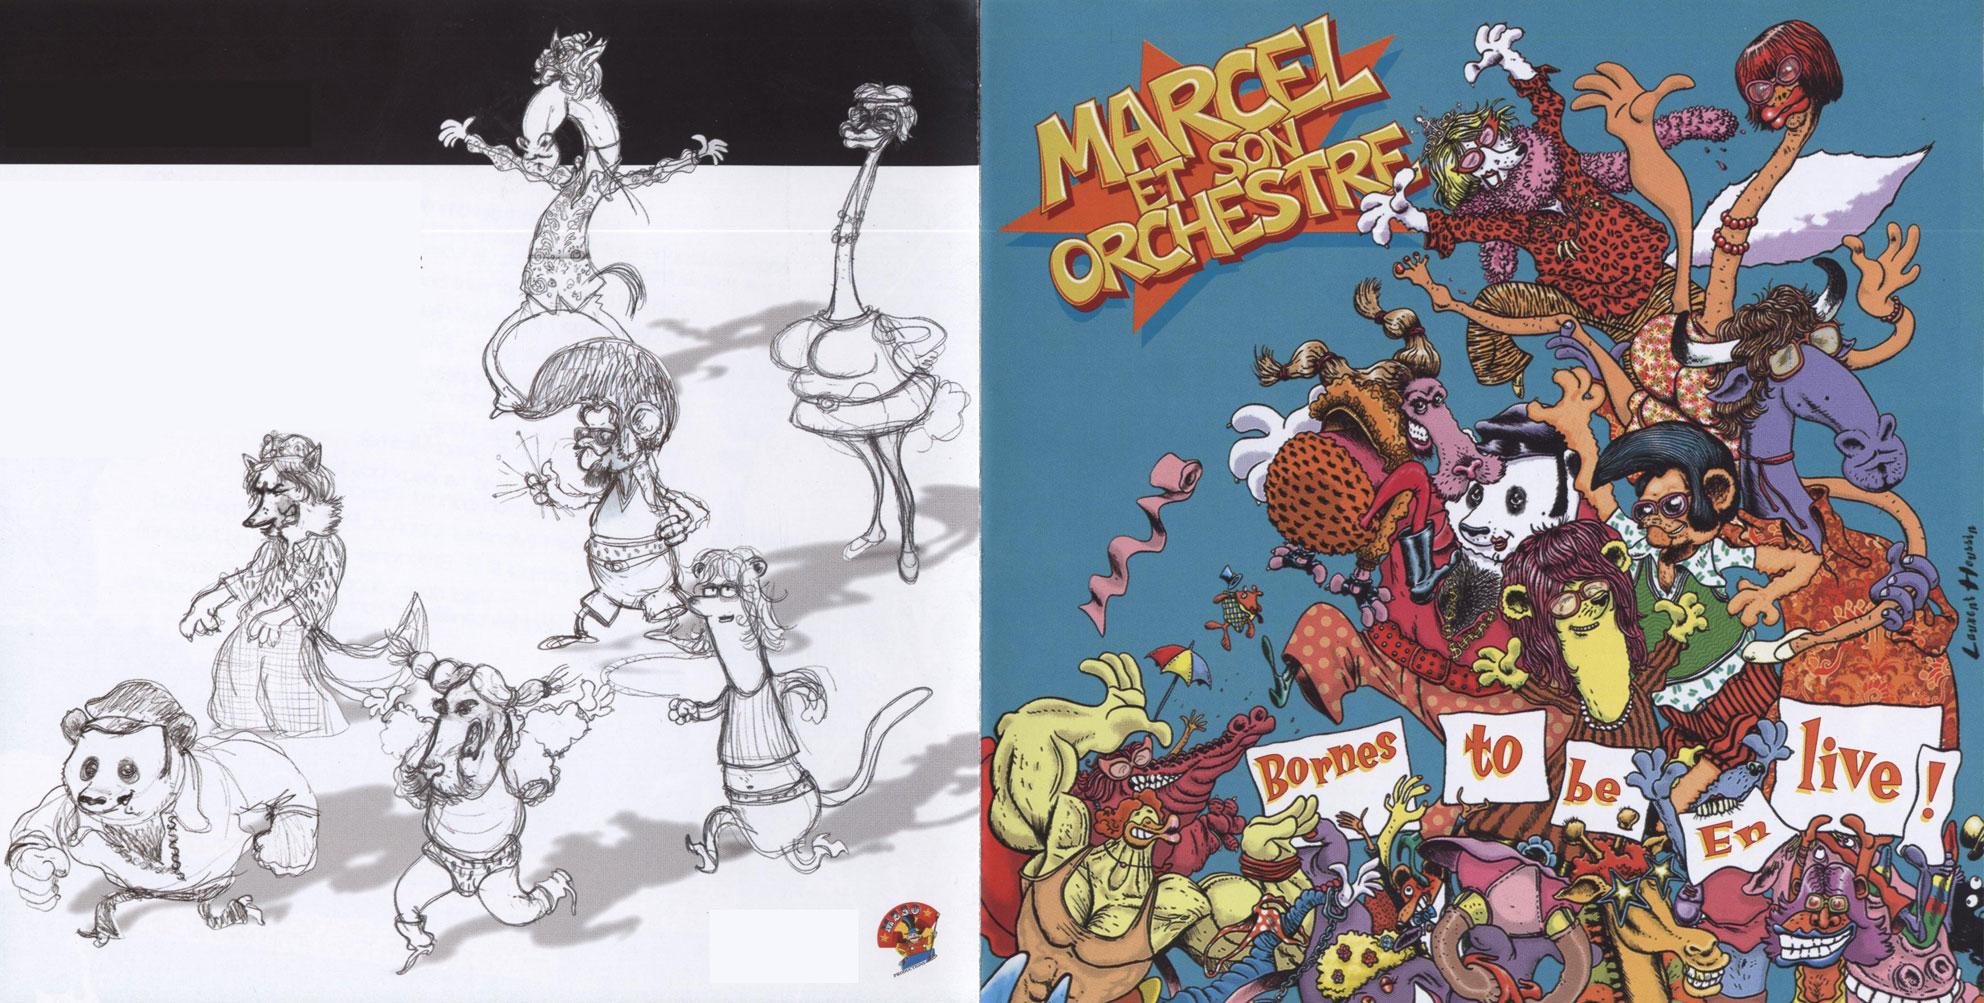 Marcel et son orchestre - Bio Bornes to be en live